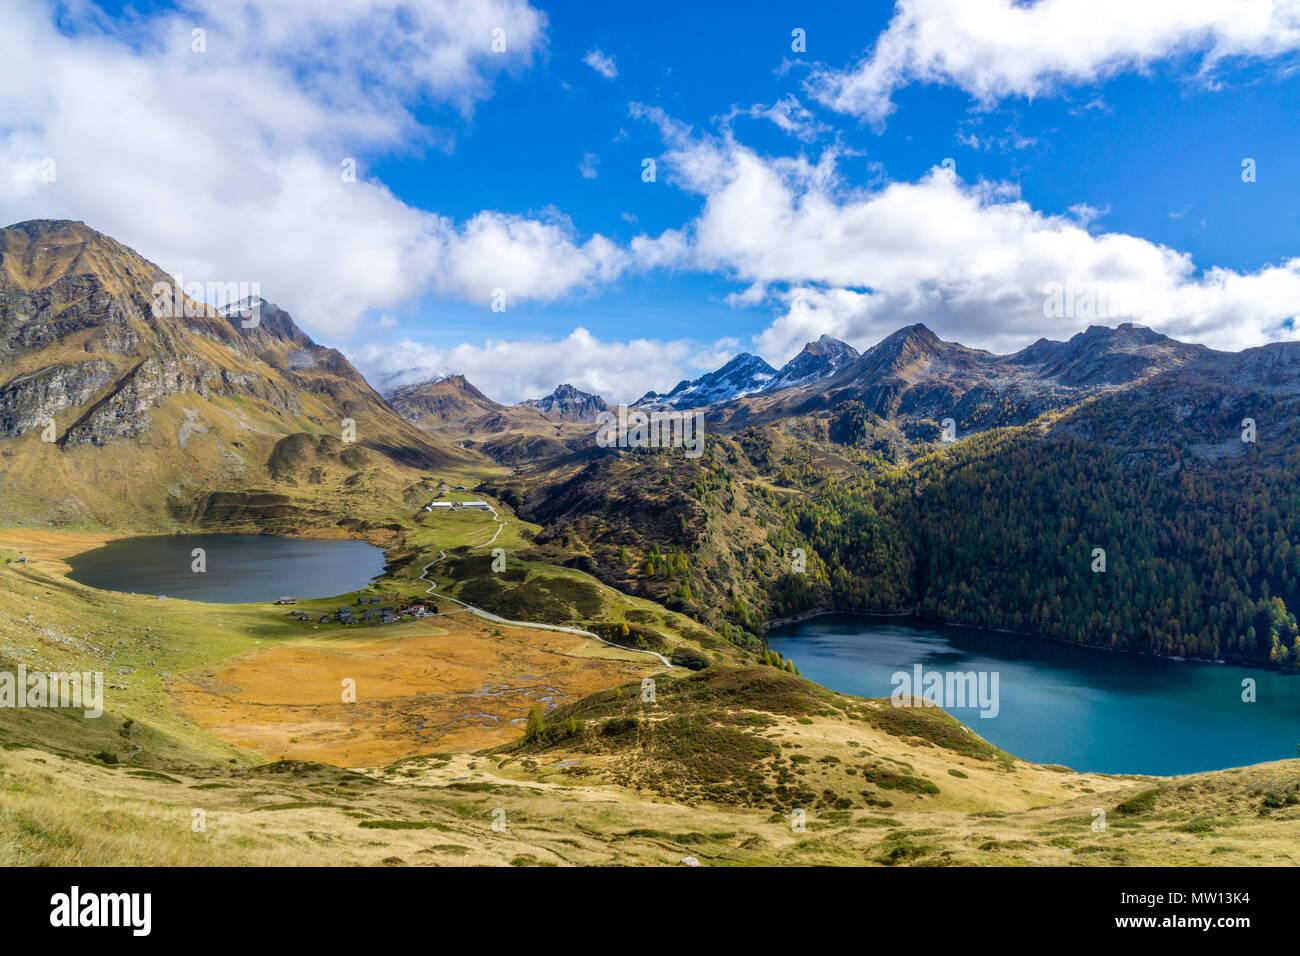 Schönen Bergsee im Herbst in der Schweiz Stockbild